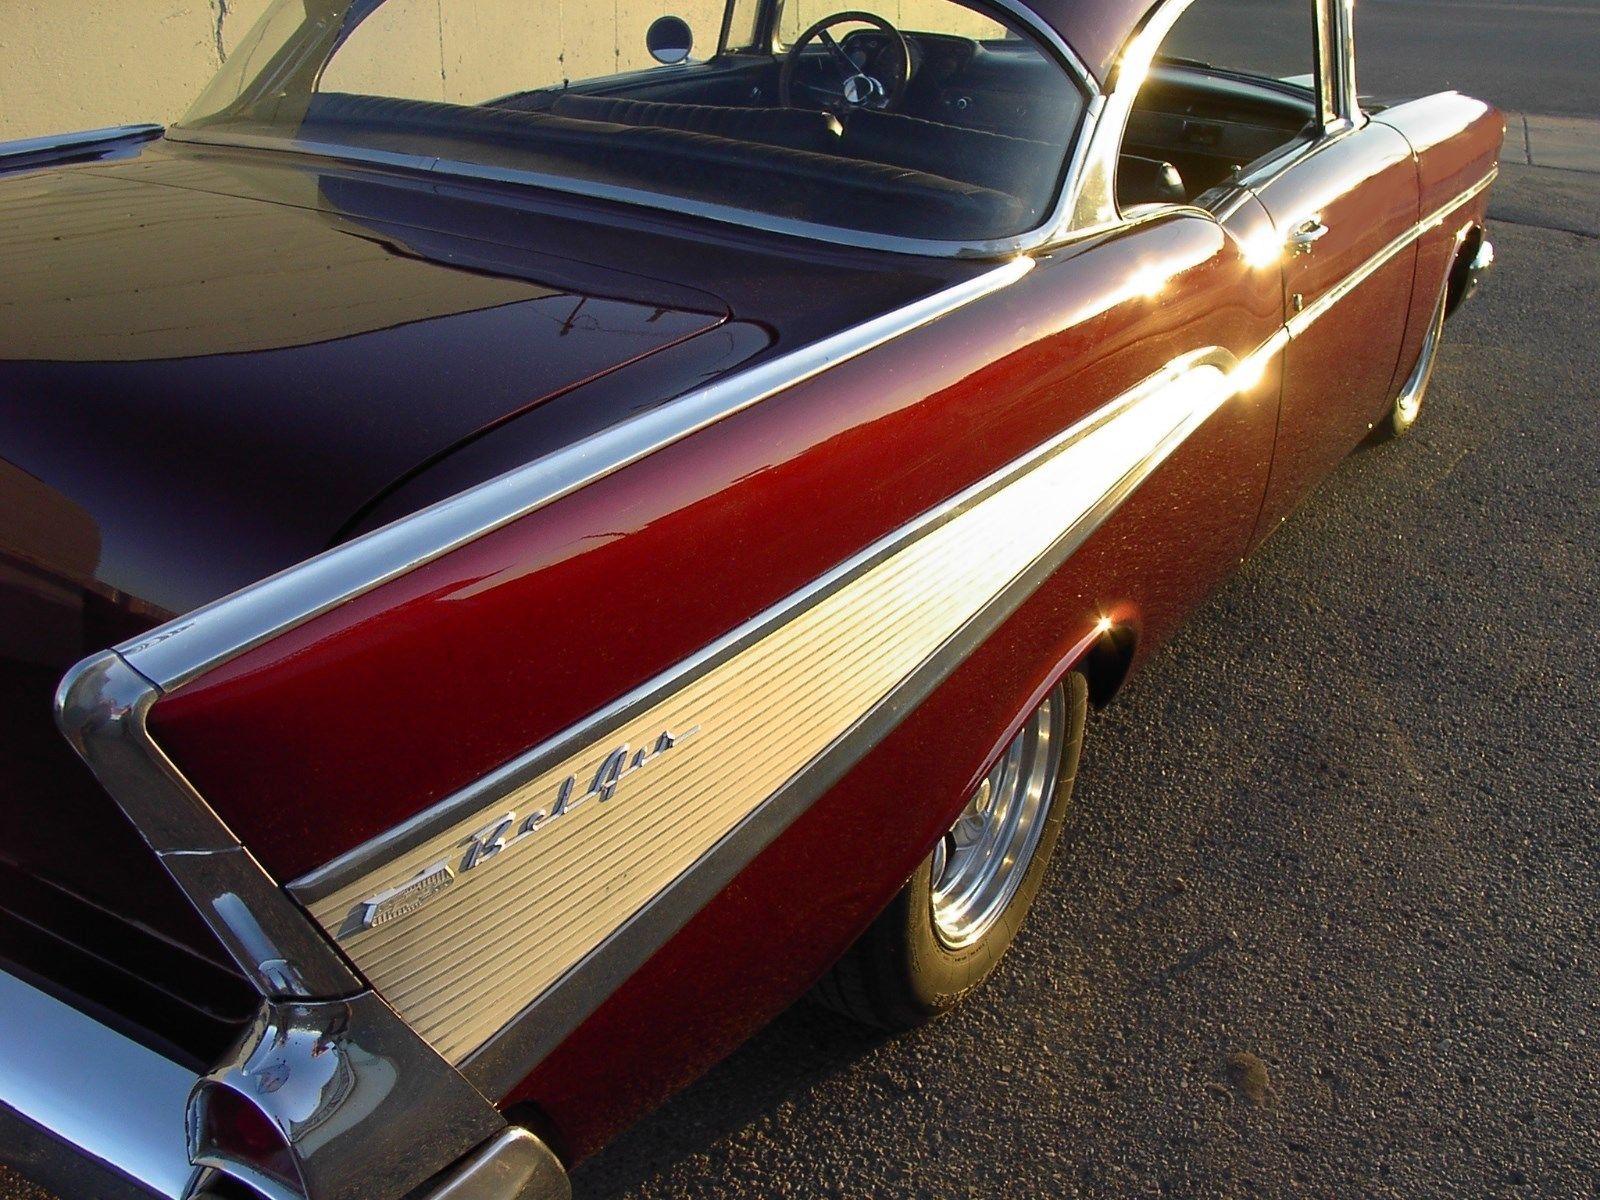 Great 1957 Chevrolet Bel Air 150 210 Chevy Belair 2 Door Hardtop 1956 1955 Nomad Fuel Injected 2019